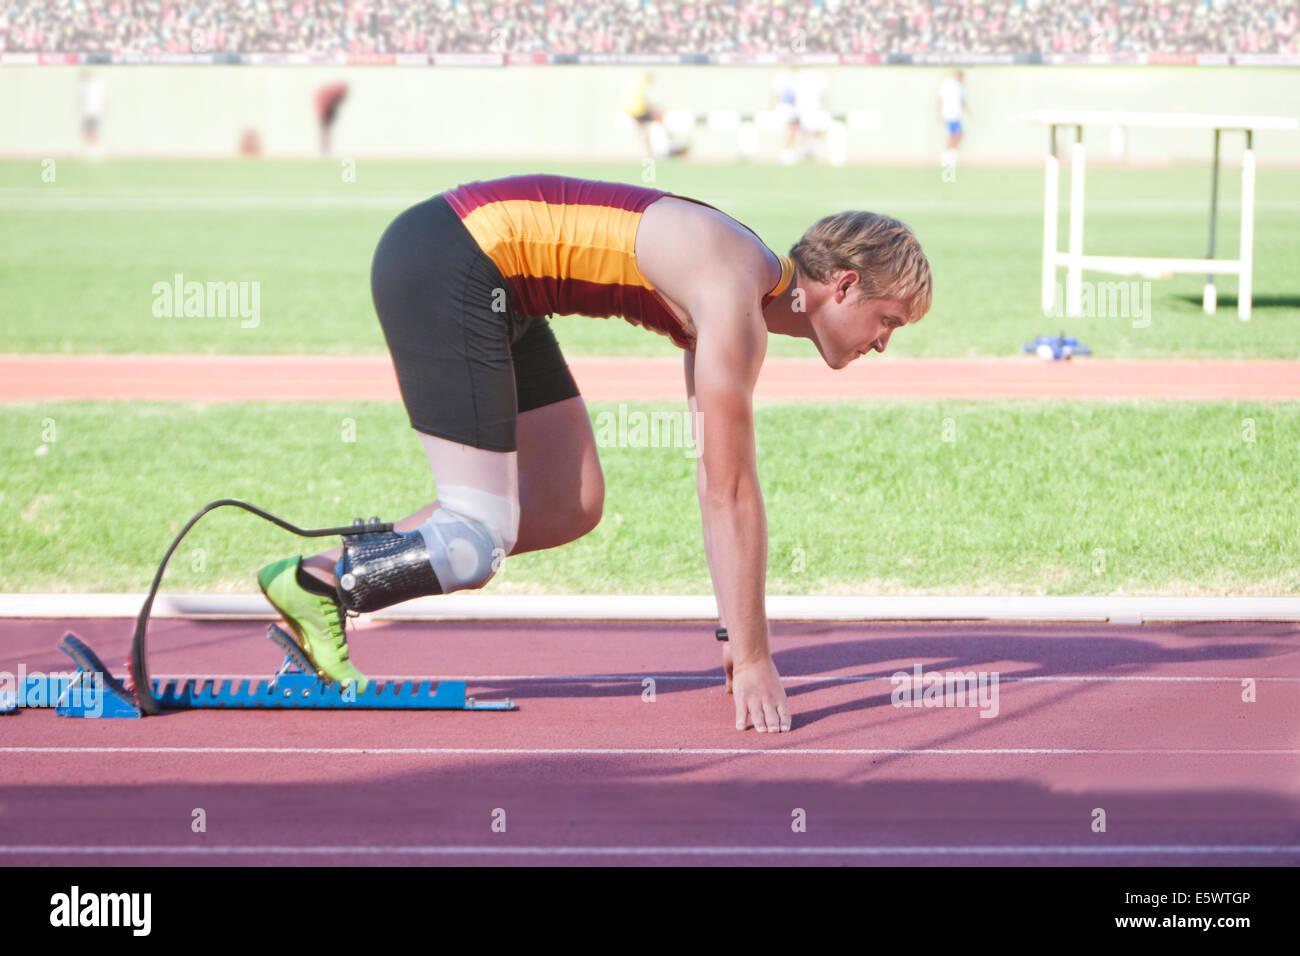 Sprinter in start position - Stock Image